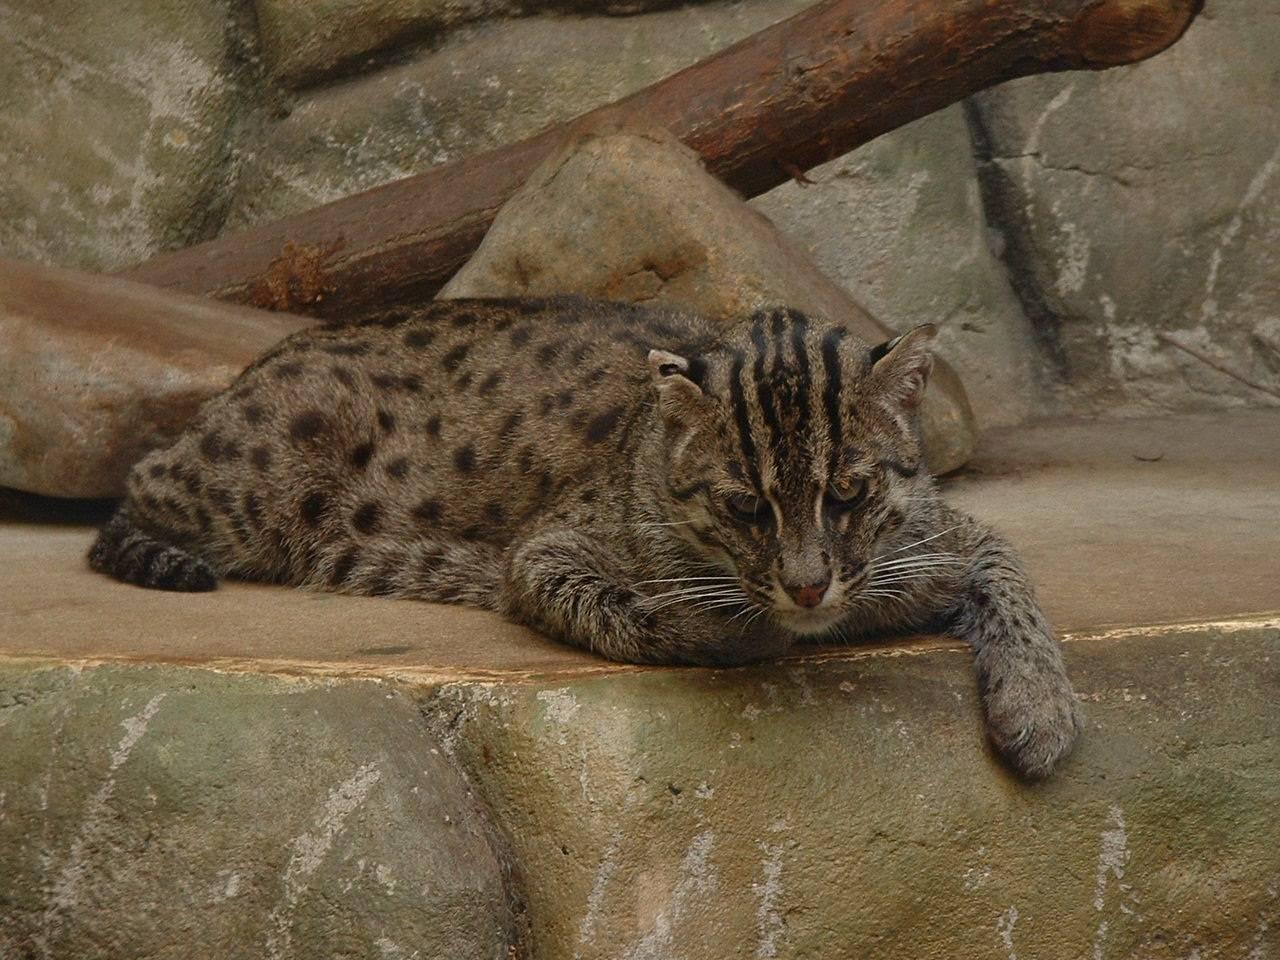 Виверровый кот-рыболов: фото, цена, описание породы, видео виверровый кот-рыболов: фото, цена, описание породы, видео